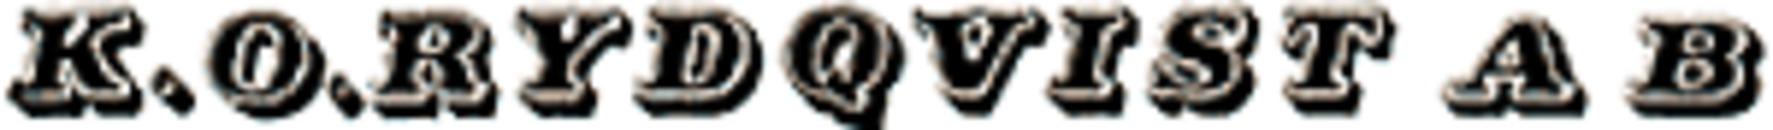 K O Rydqvist AB logo